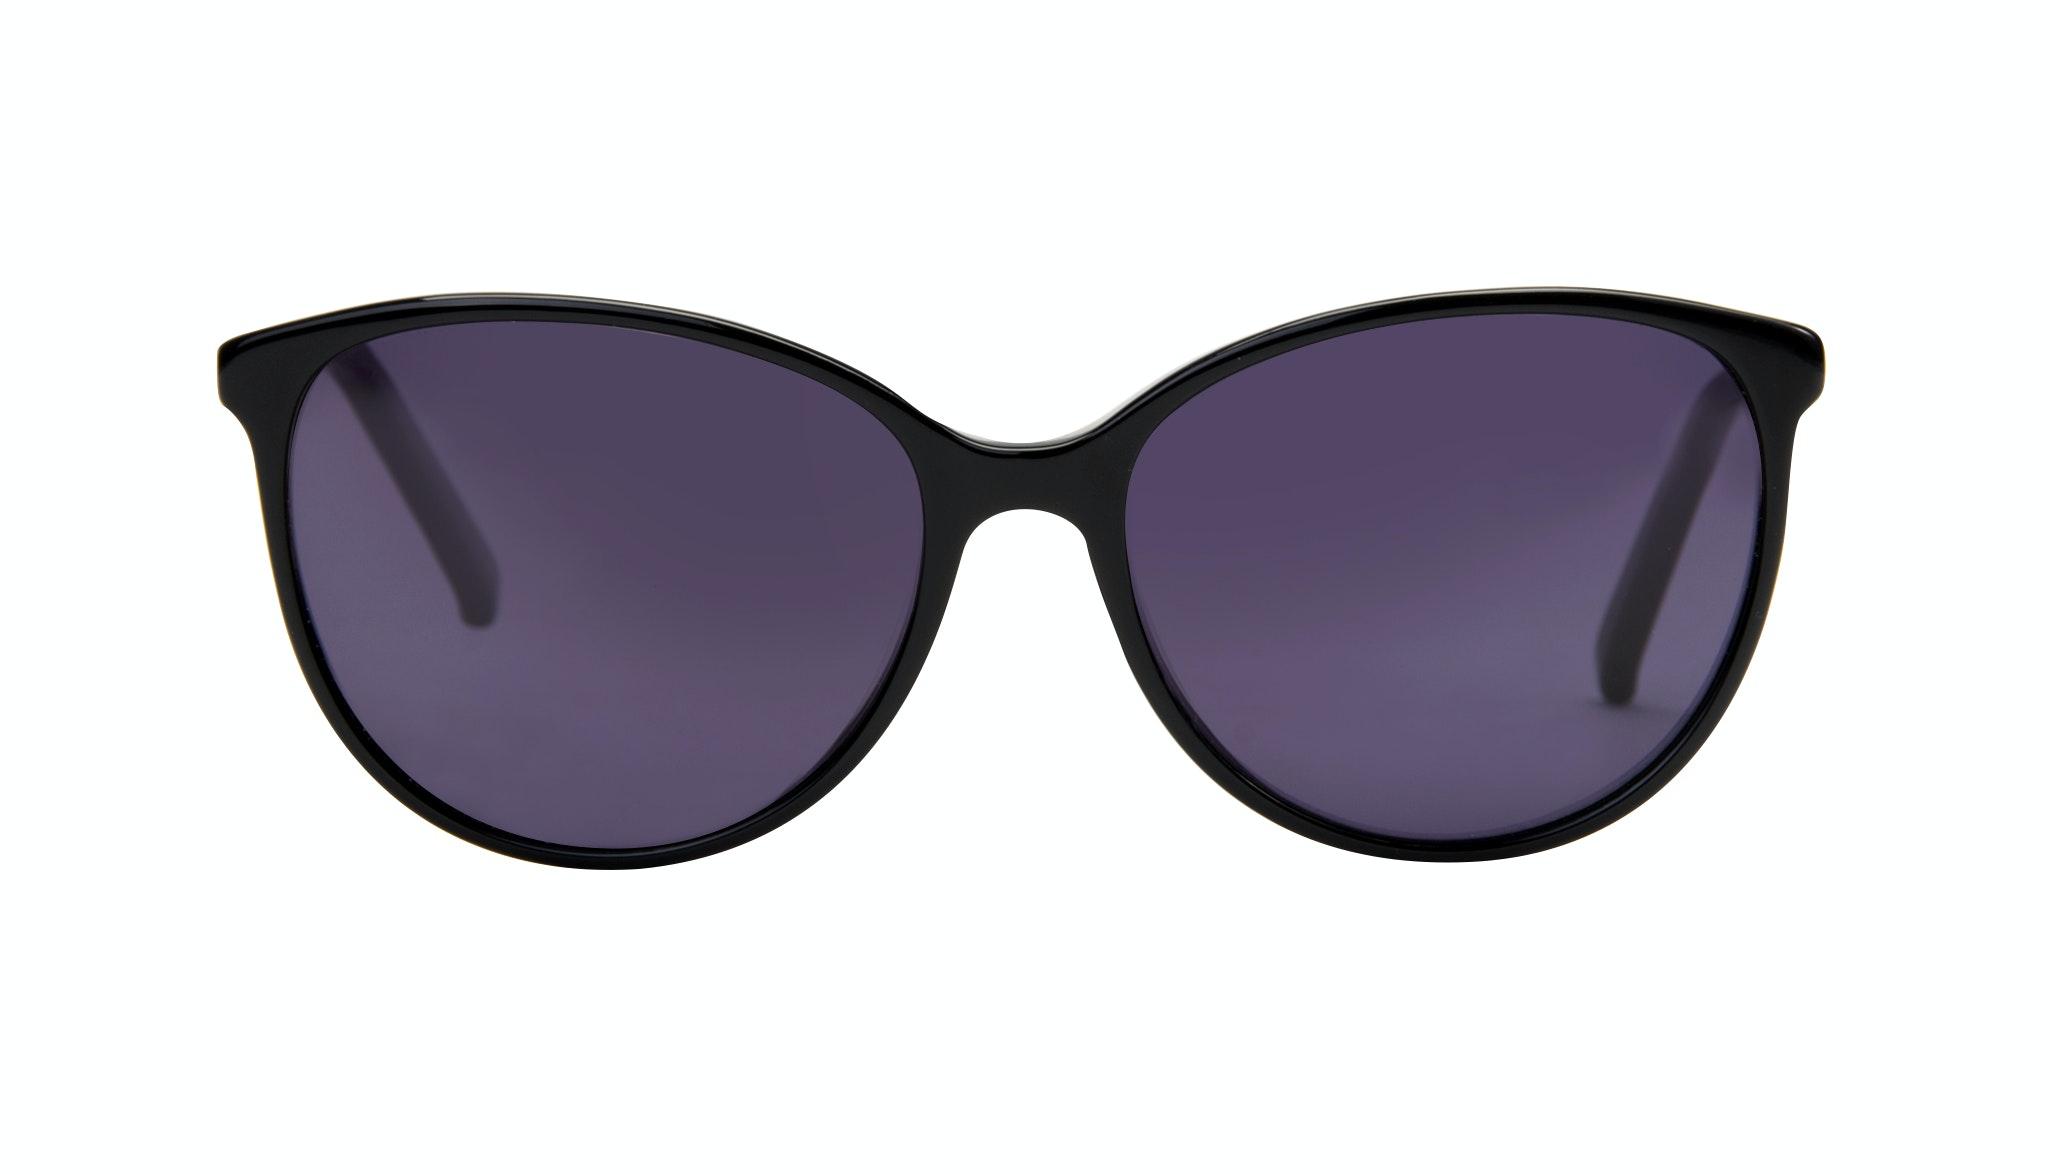 Lunettes tendance Oeil de chat Ronde Lunettes solaires Femmes Imagine Onyx Face